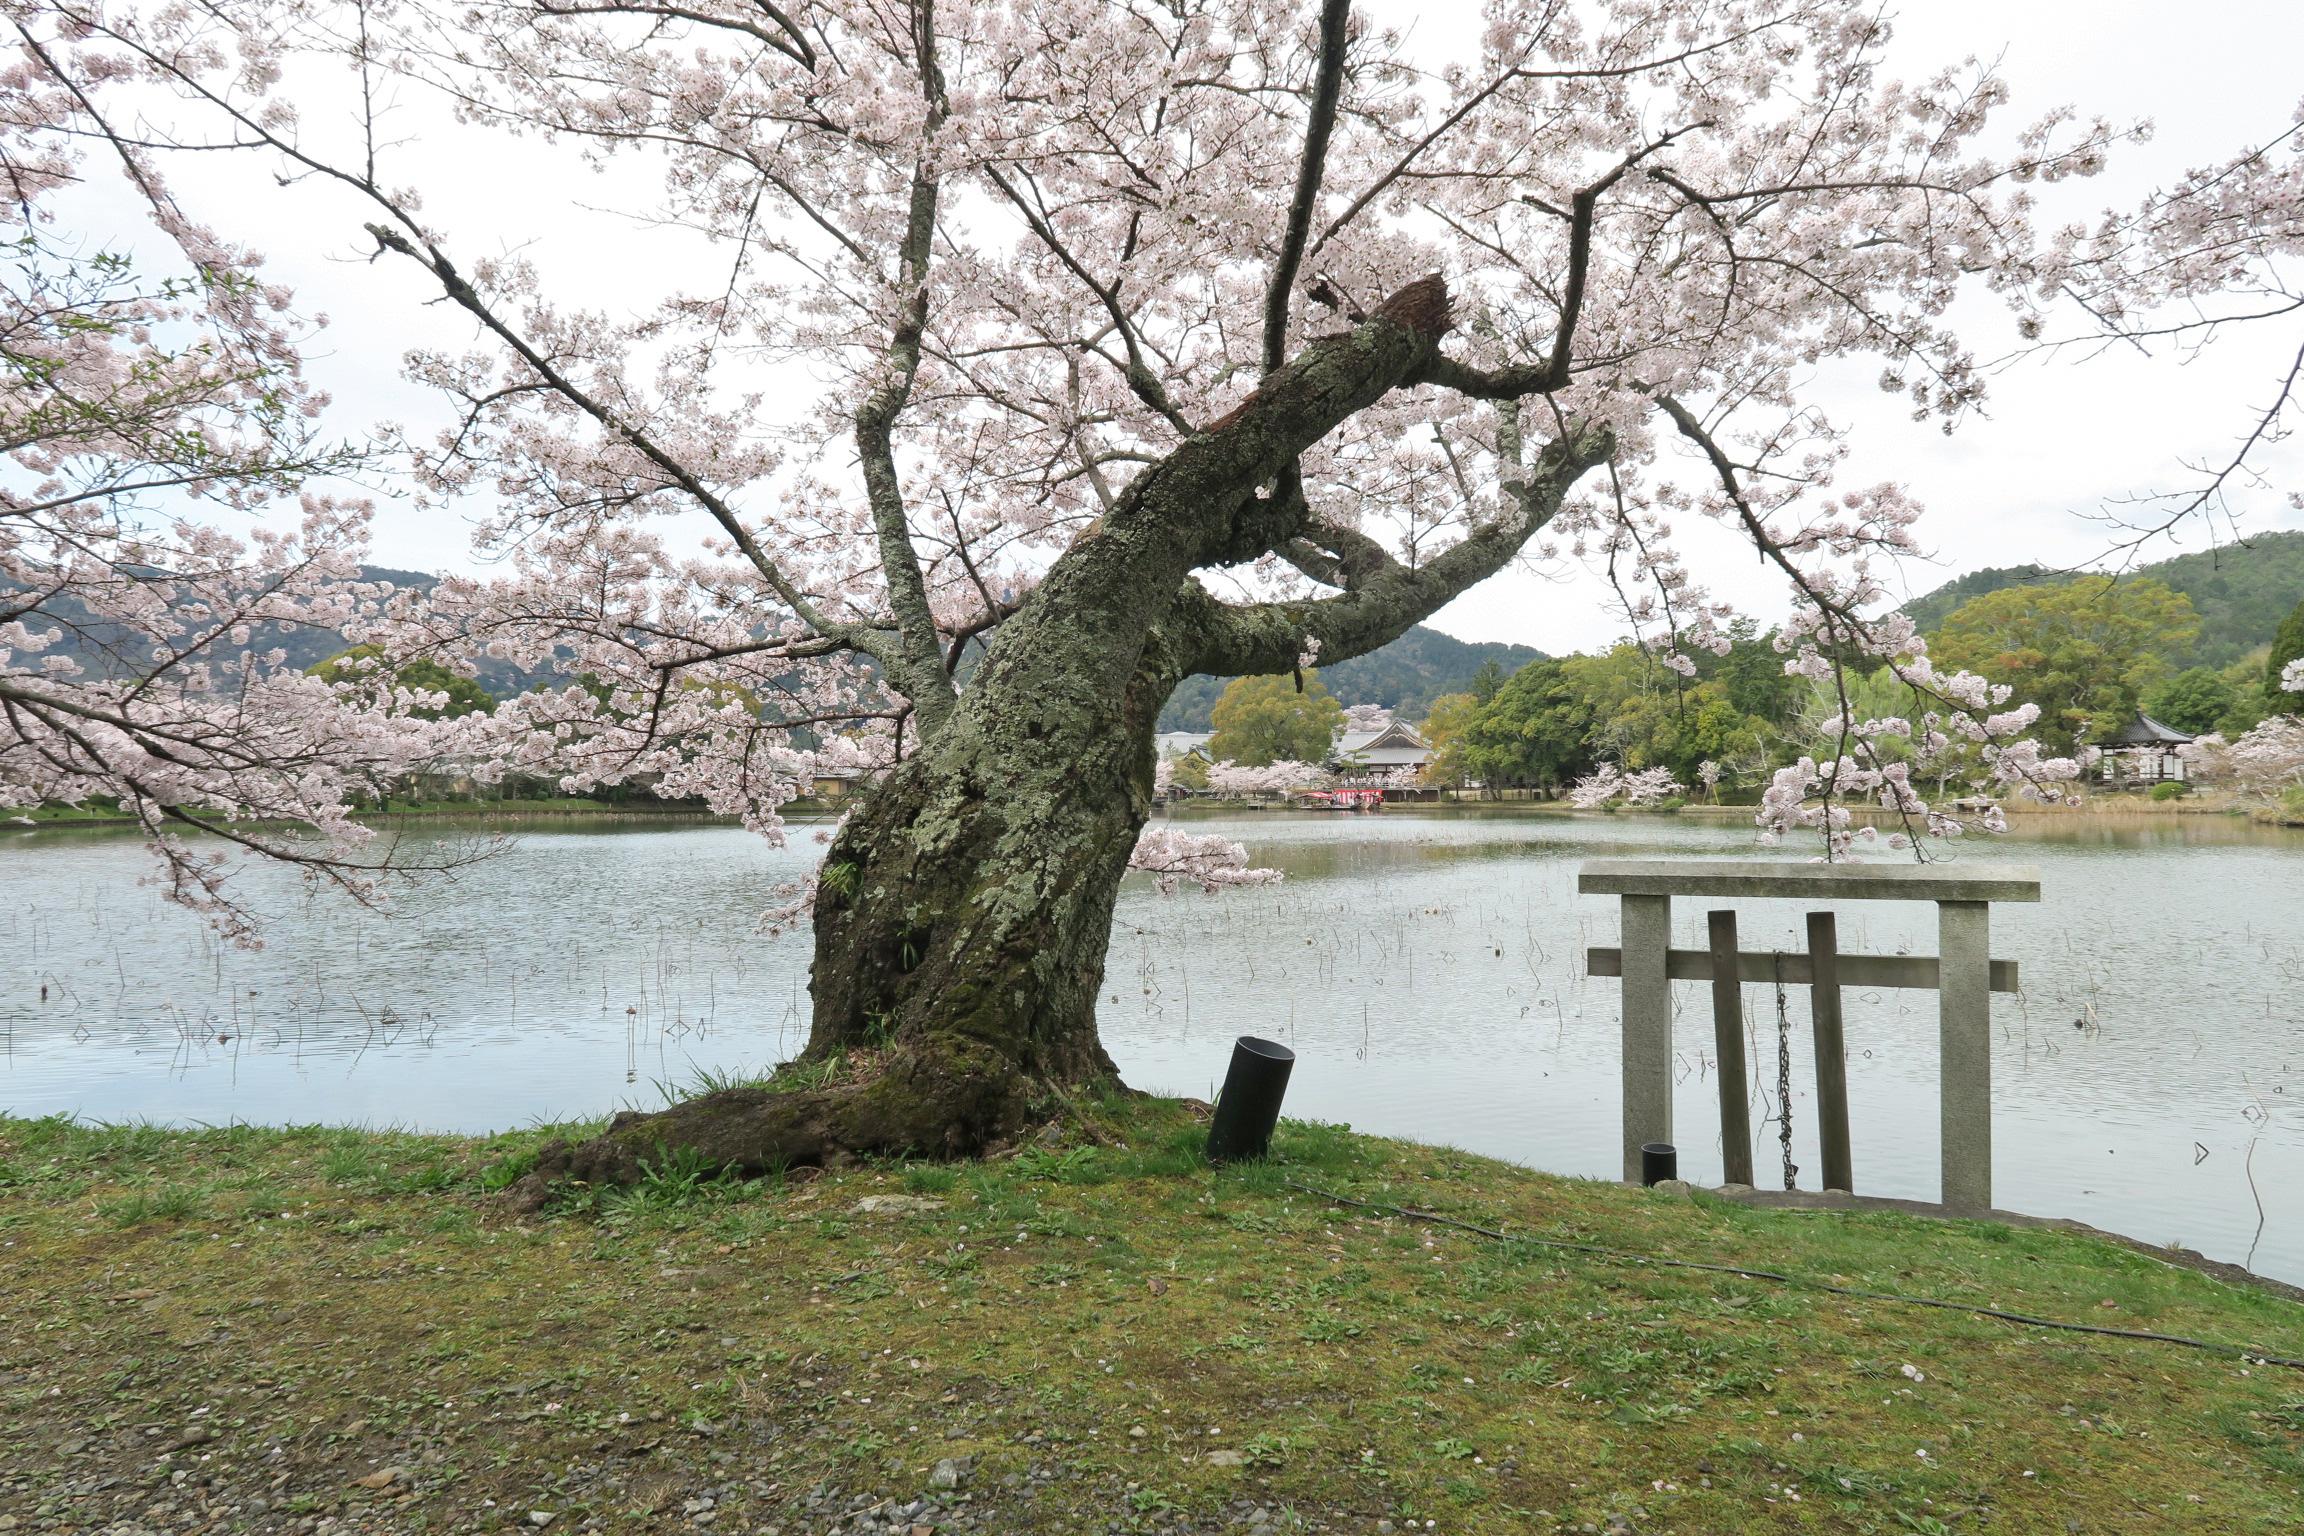 池に沿って桜が植えられています。山々の稜線も美しく、癒されます。